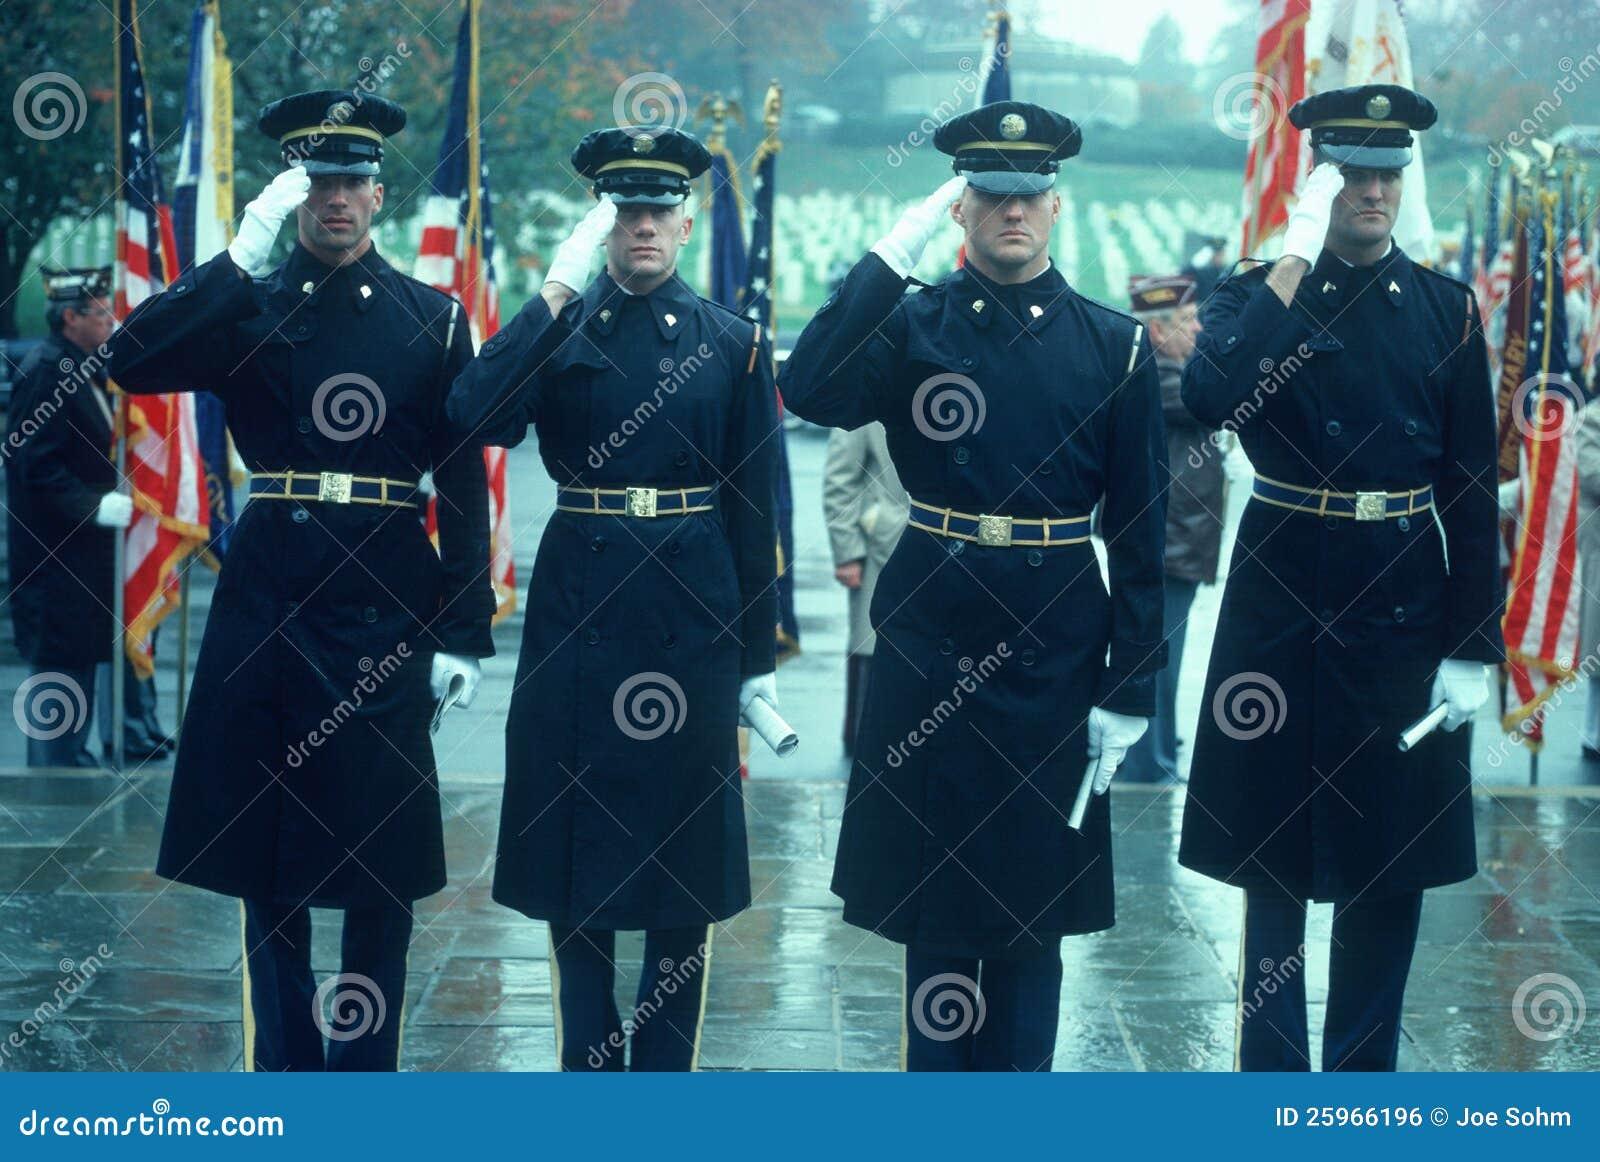 Στρατιώτες στην προσοχή στην υπηρεσία ημέρας παλαιμάχων